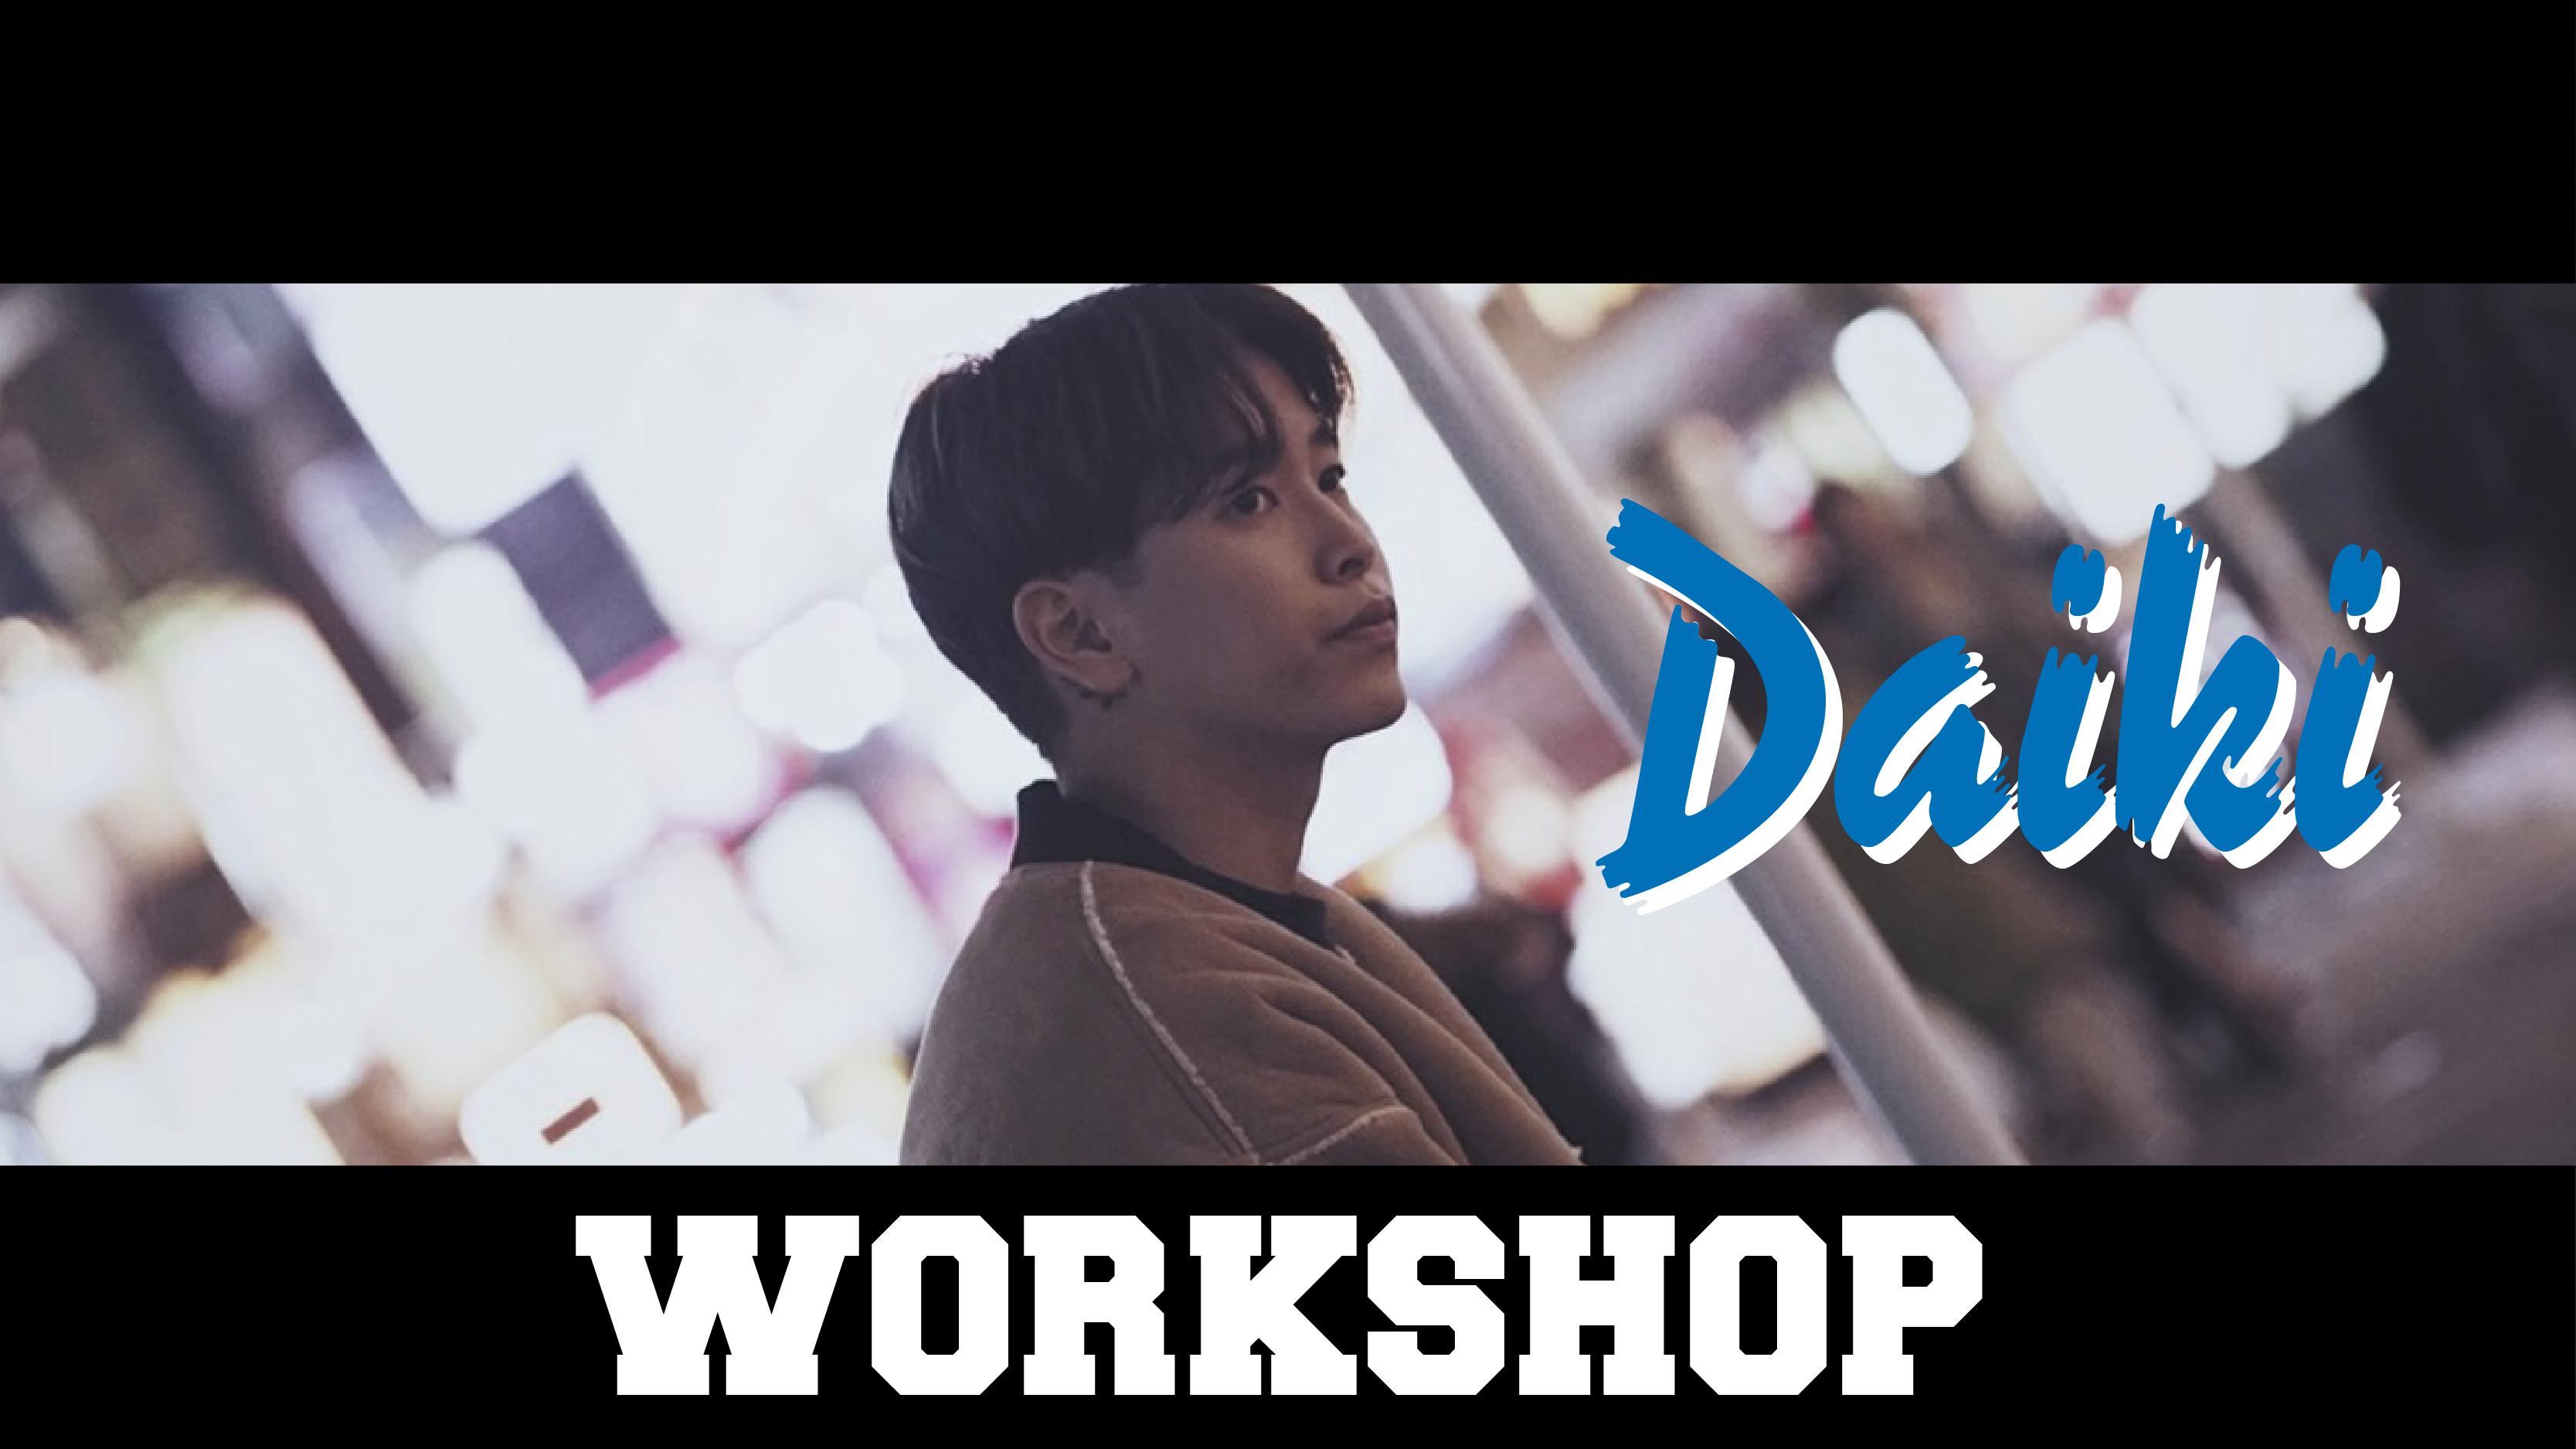 DANCE STUDIO JUICY Presents Daiki Special Workshop